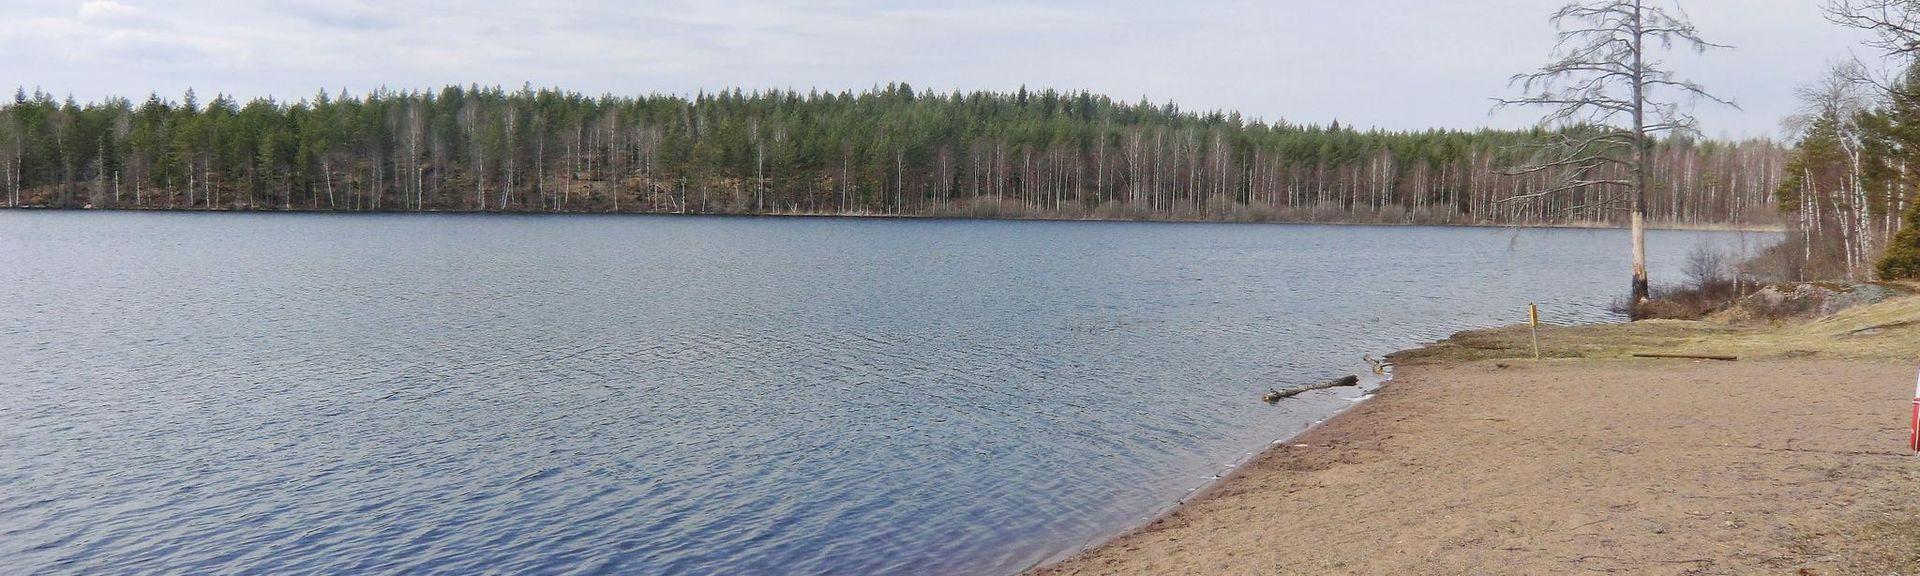 Jönköpings län, Sverige